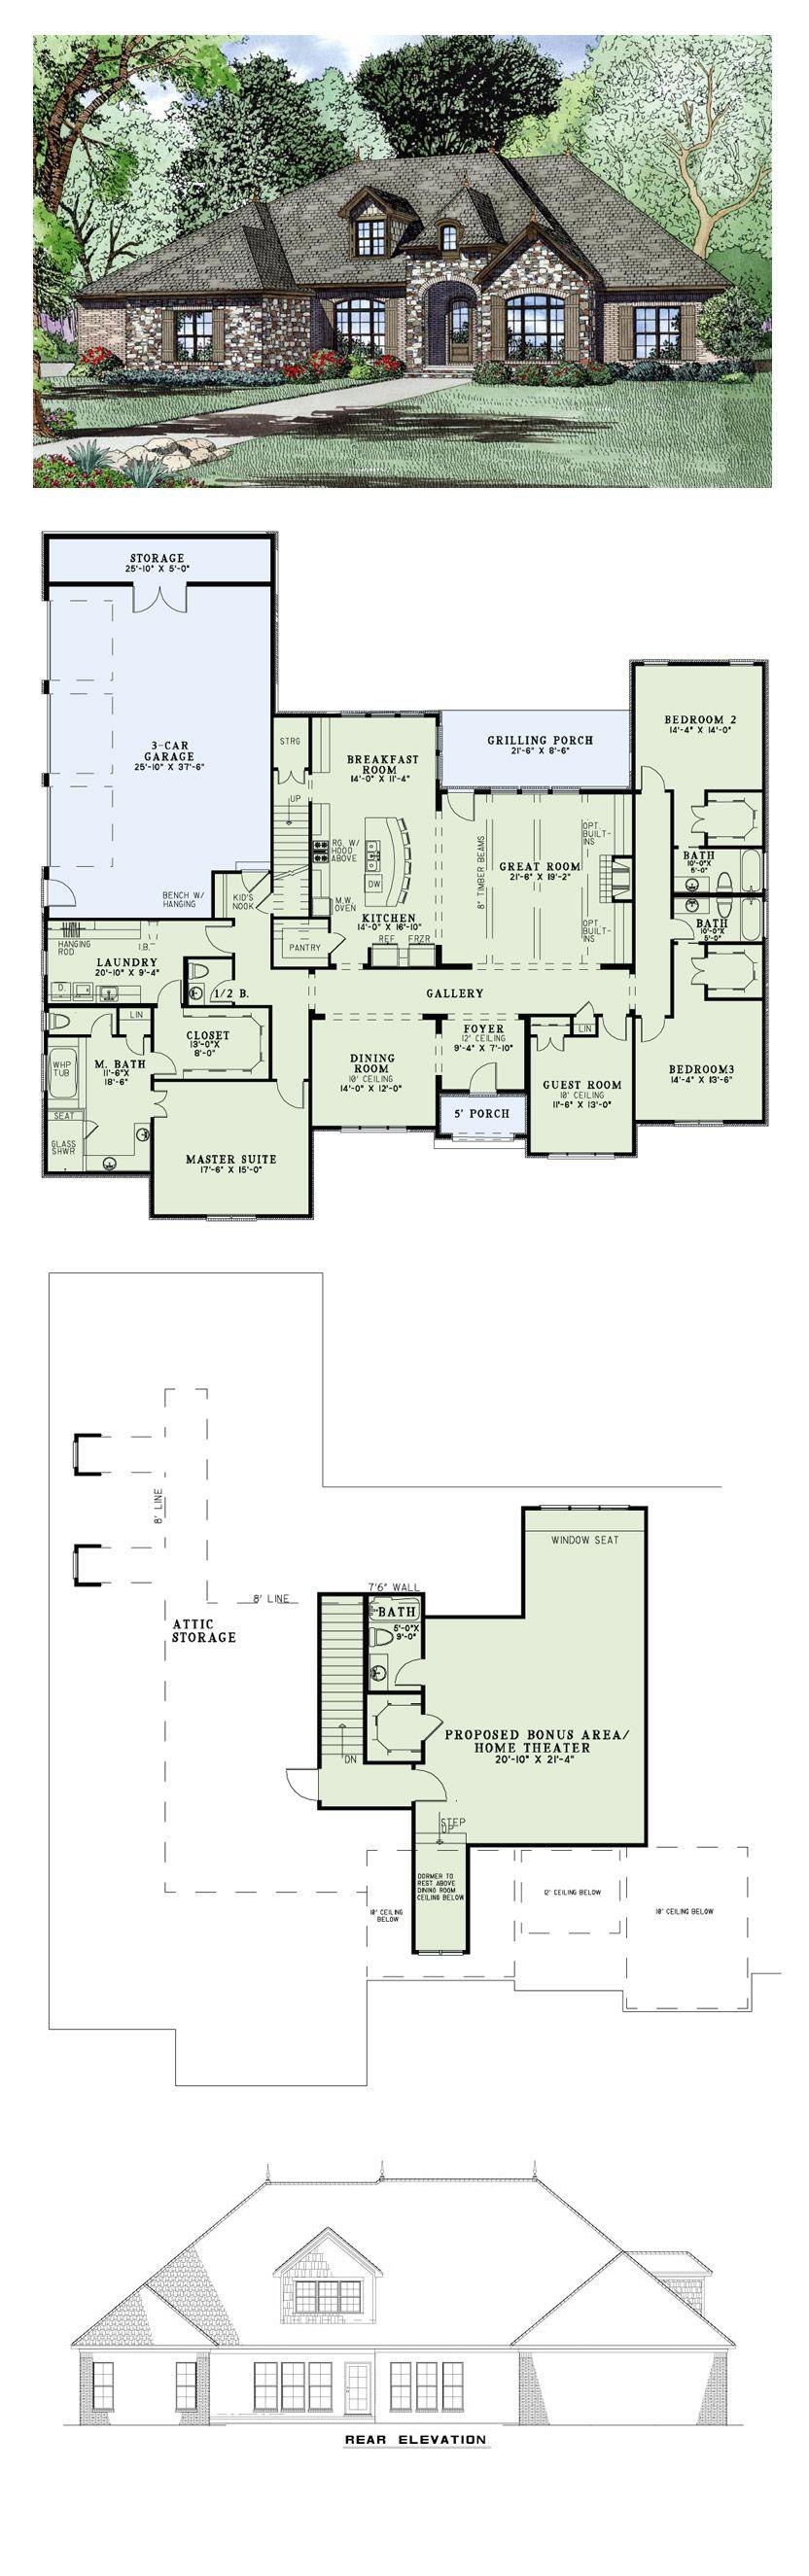 MY 1 pick European House Plan 82163